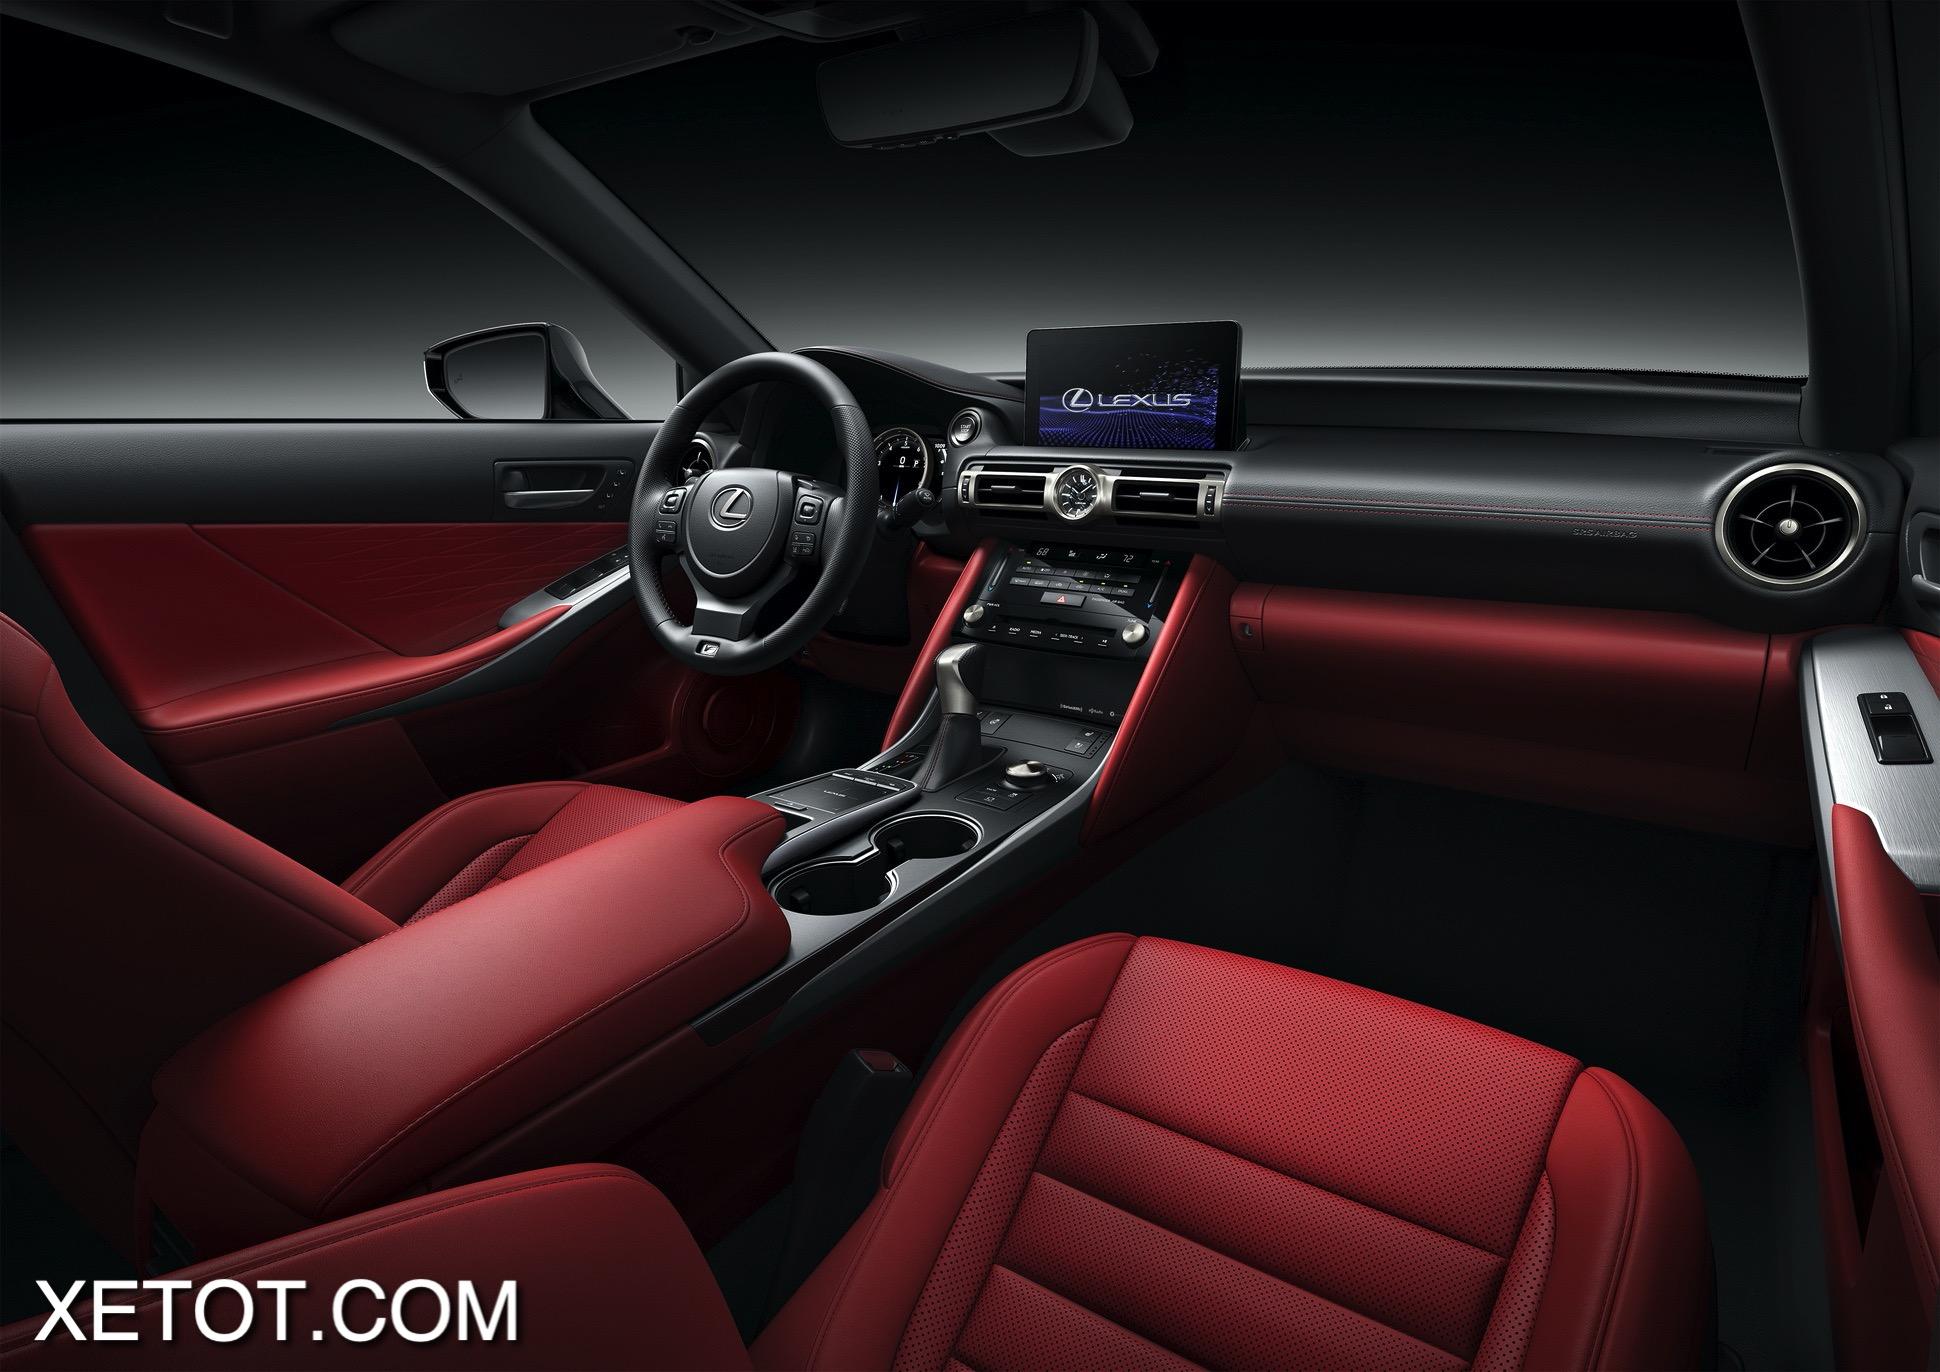 noi-that-Lexus-IS-2021-xetot-com